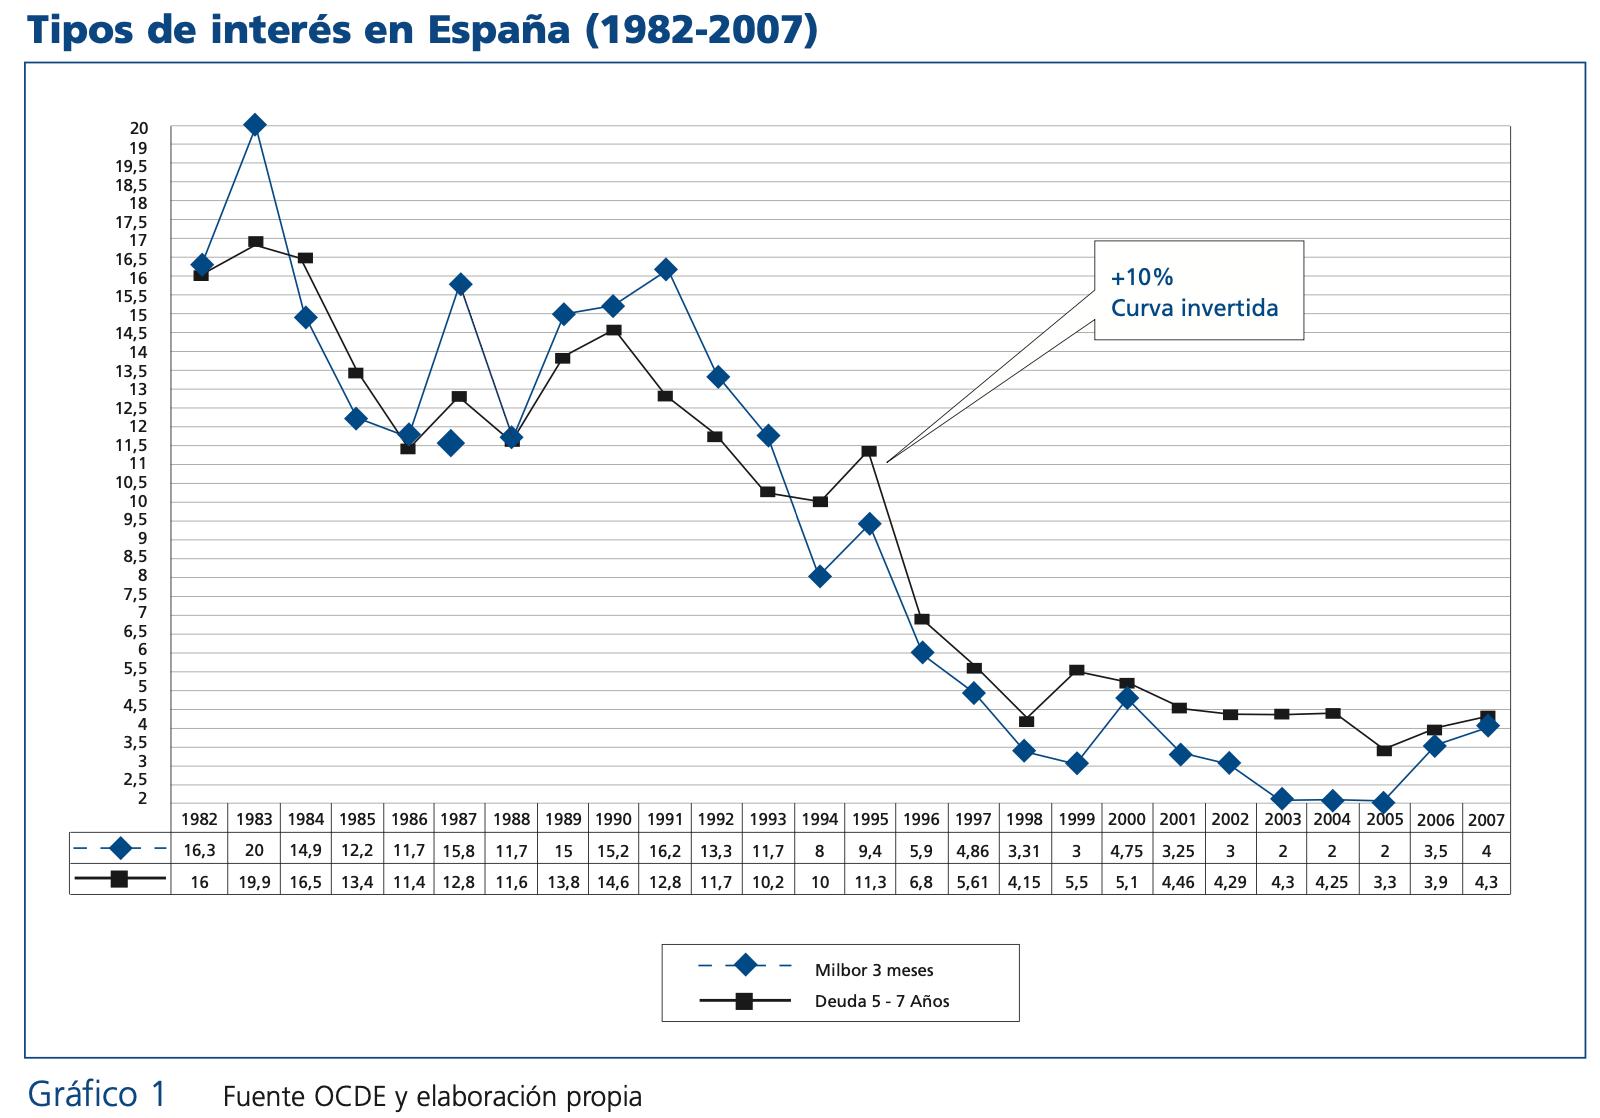 grafica del tipo de interes en españa desde 1982 a 2007